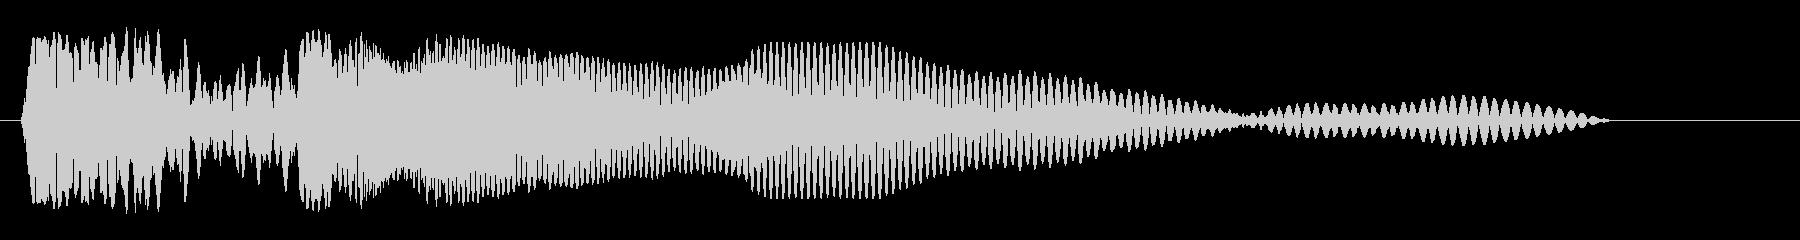 ドシュ〜ン(動きのあるシンセの効果音)の未再生の波形